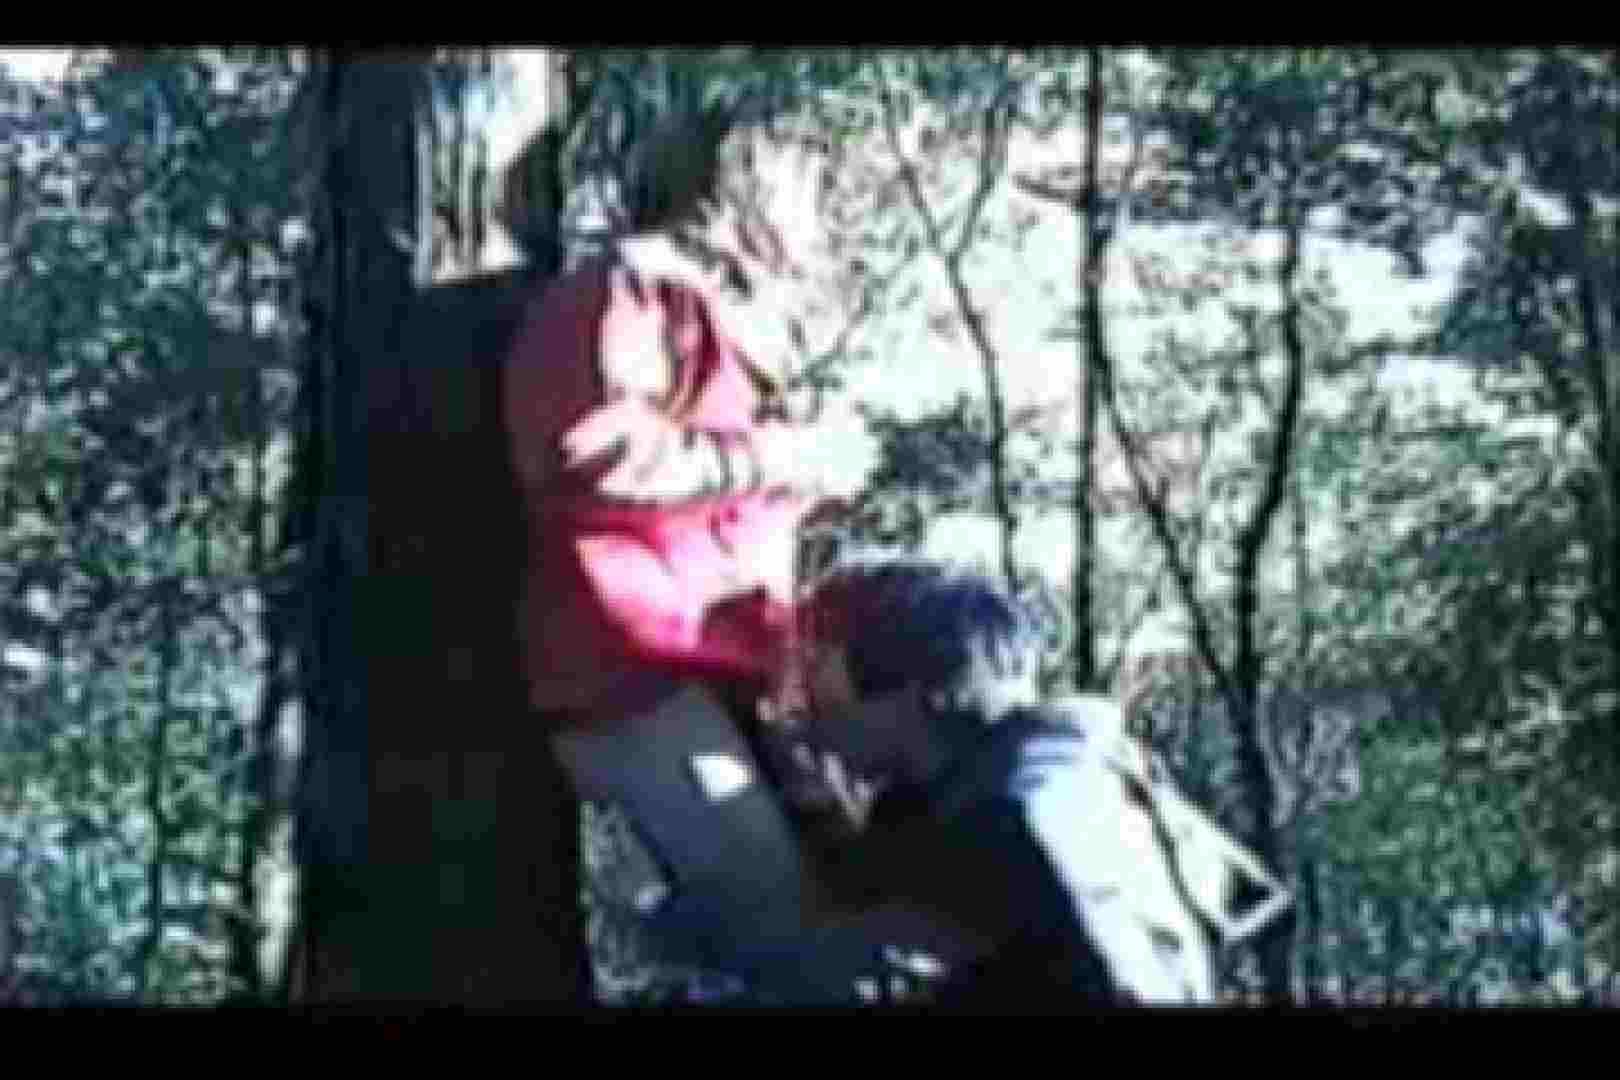 オールドゲイシリーズ  美少年ひかるのオープンファック アナル舐め ゲイ肛門画像 83枚 23